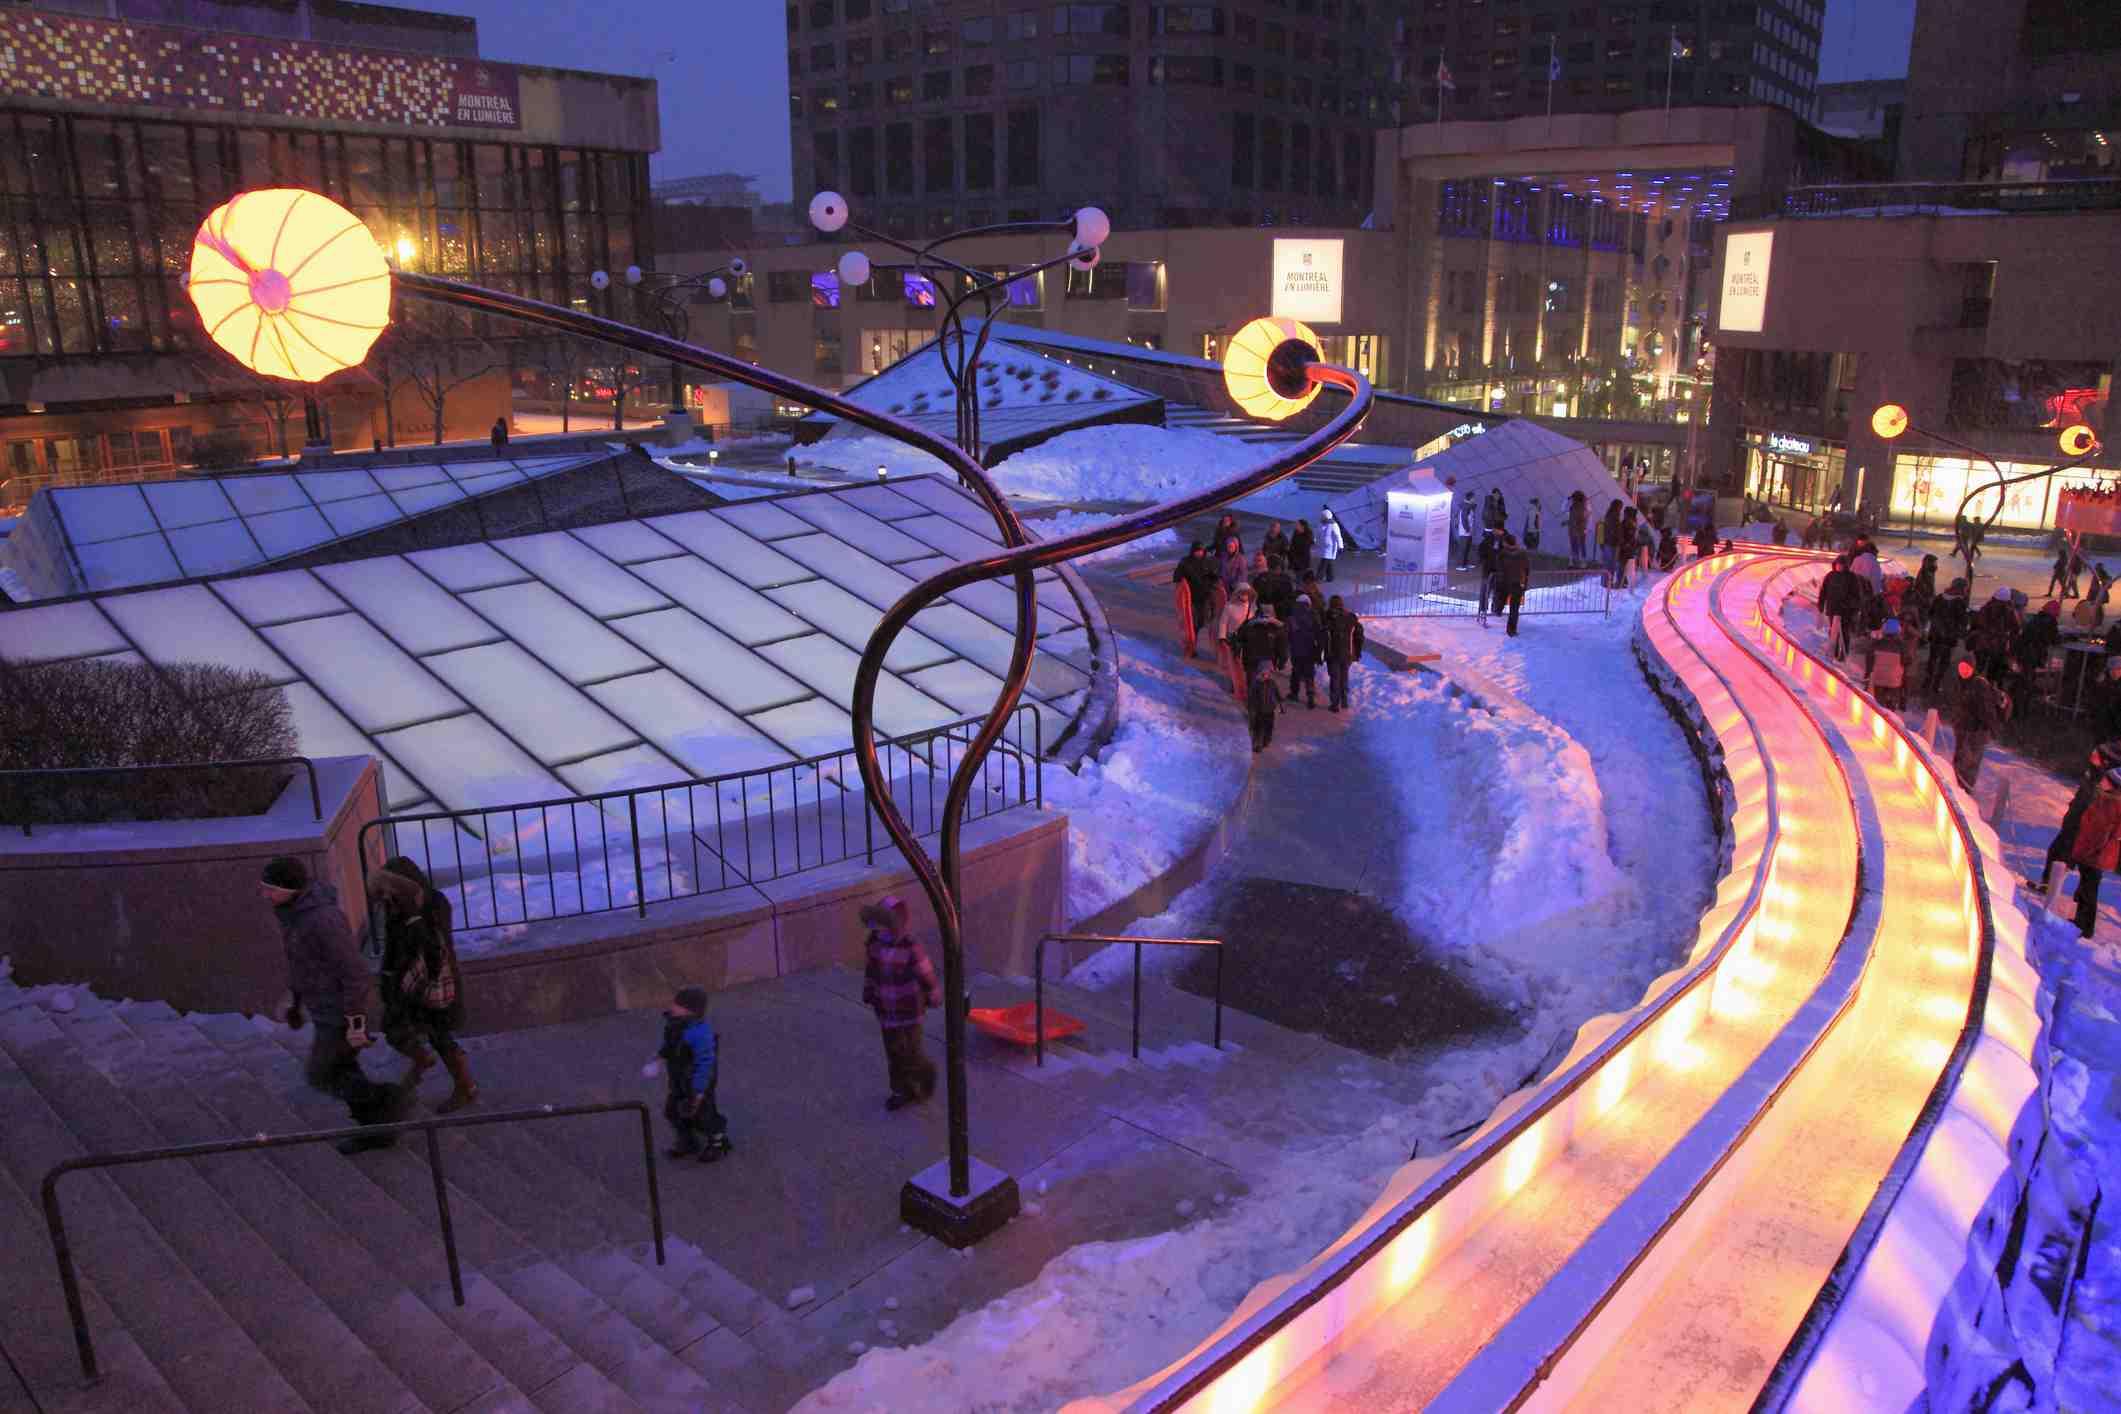 Canada, Quebec, Montreal, Montréal en lumière, winter festival, Place des Arts,